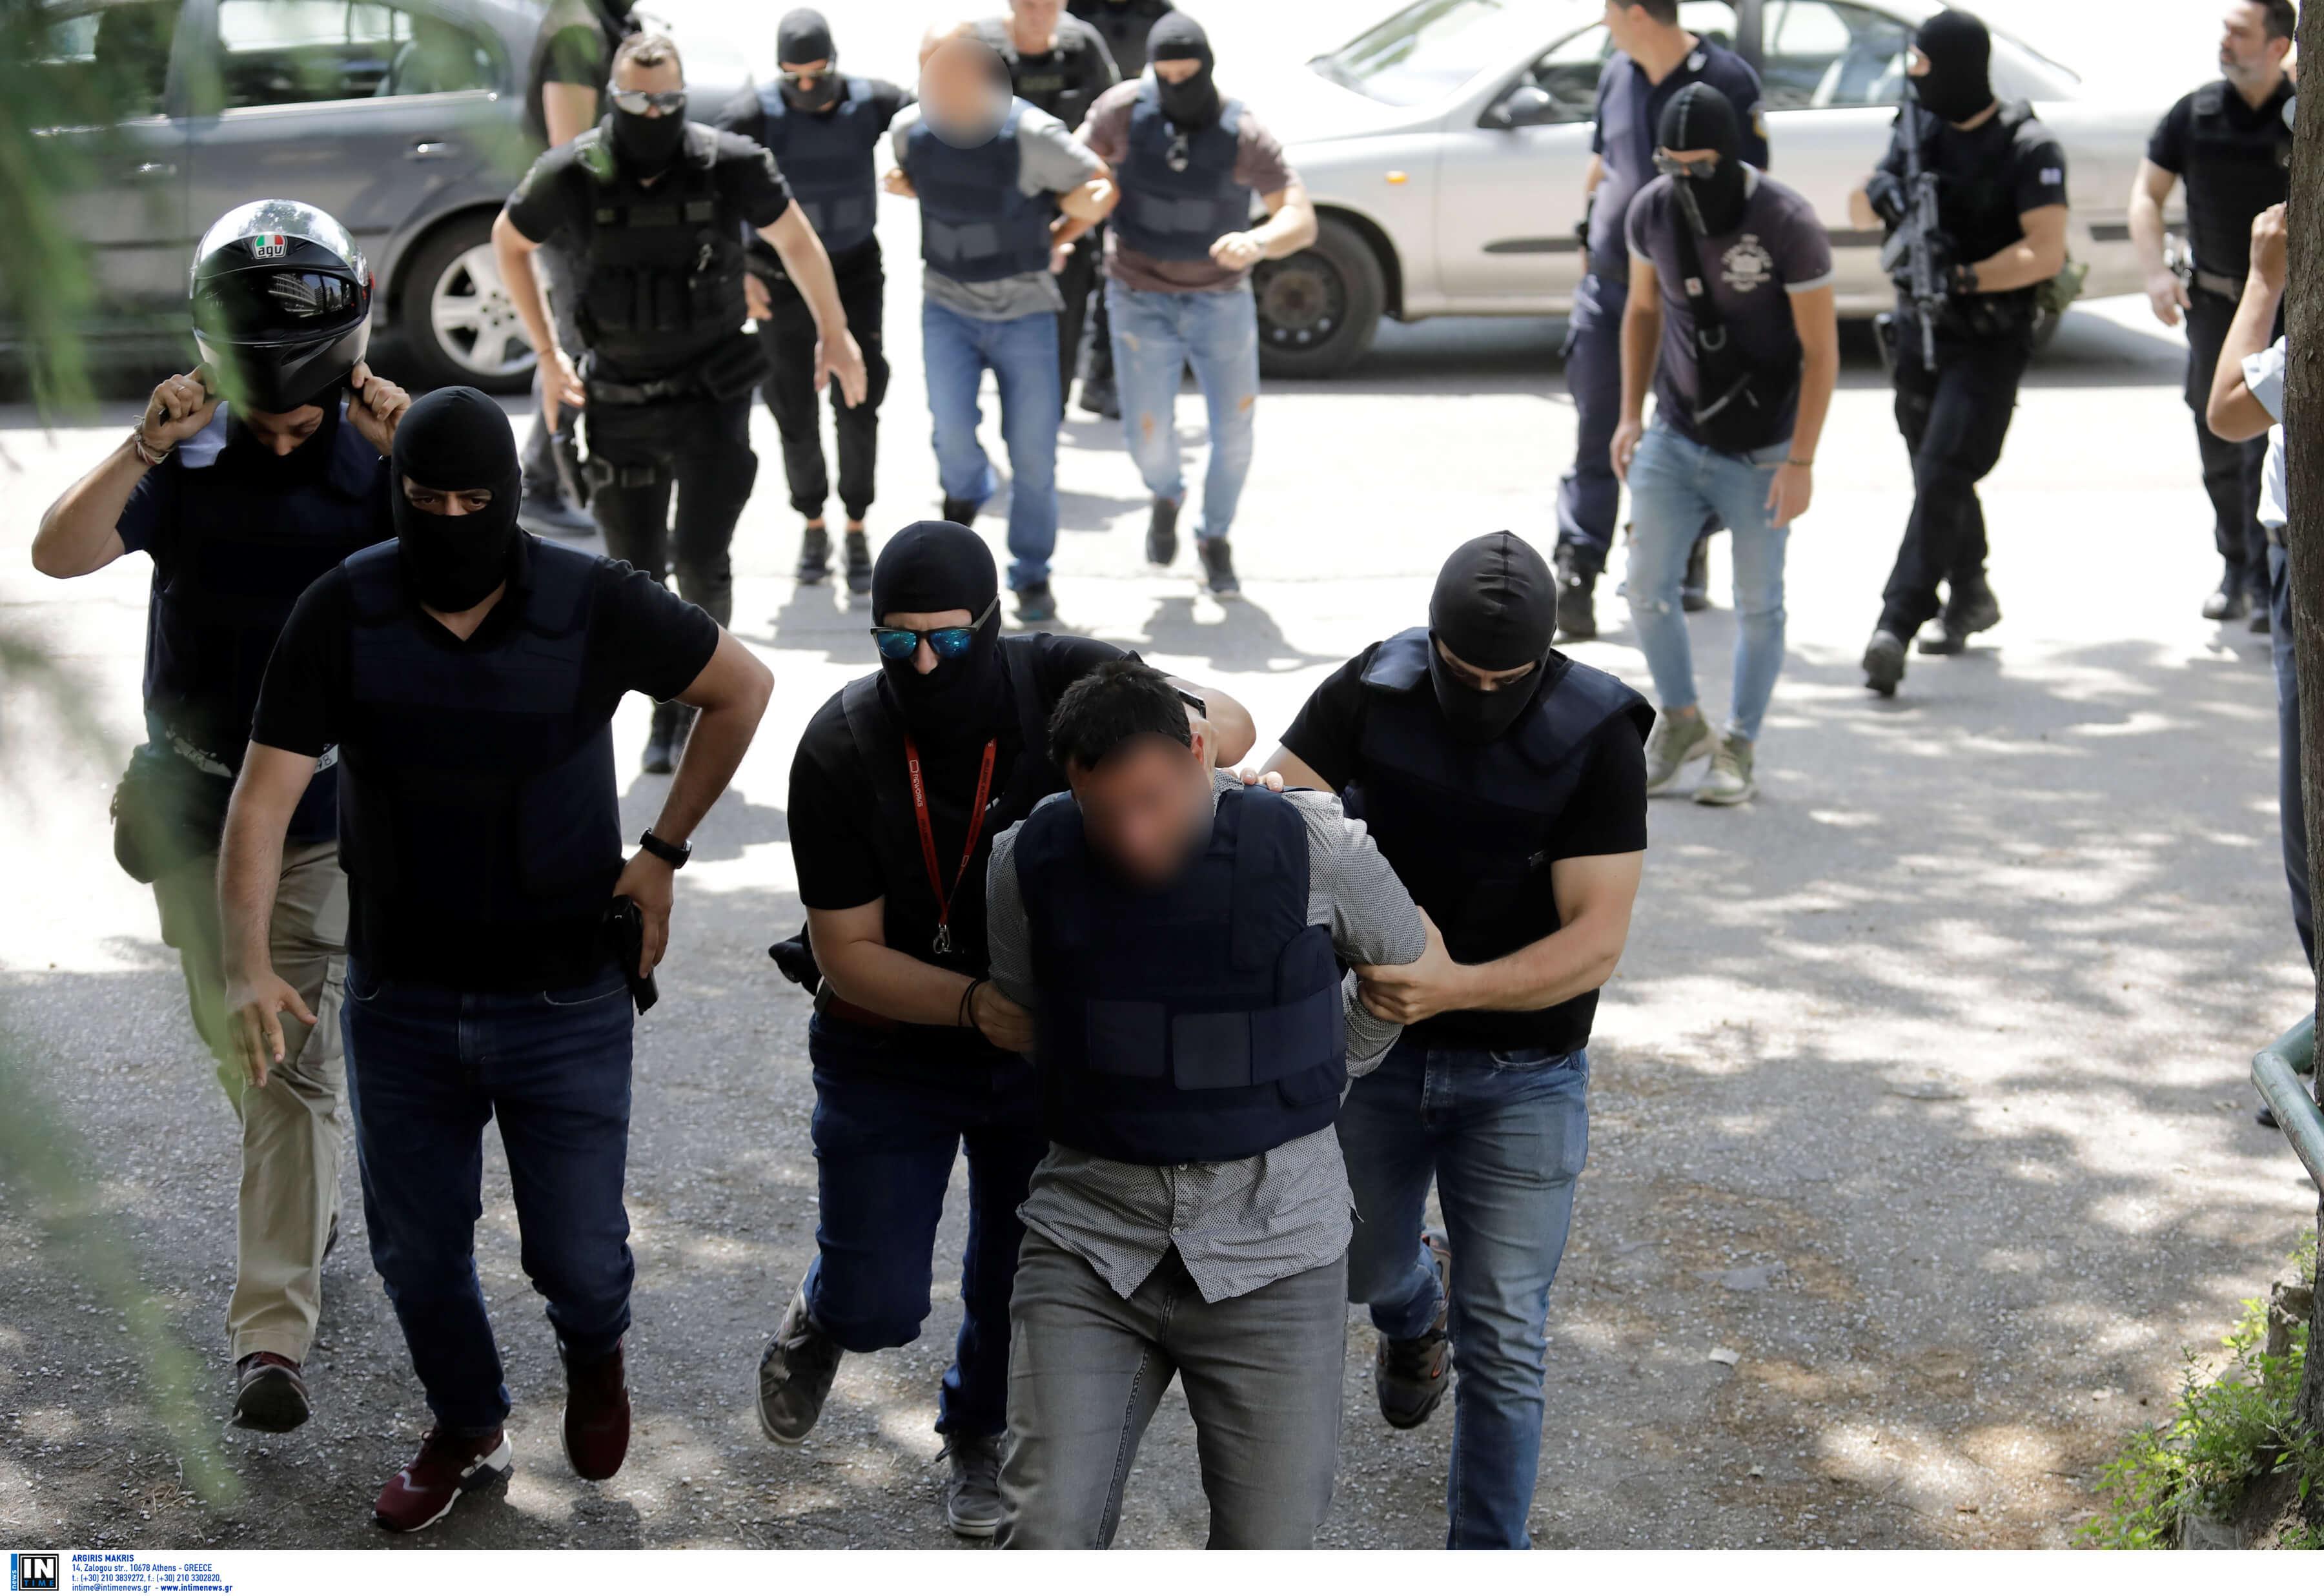 Ληστεία ΑΧΕΠΑ: Το μήνυμα των τριών συλληφθέντων μέσα από τα κρατητήρια